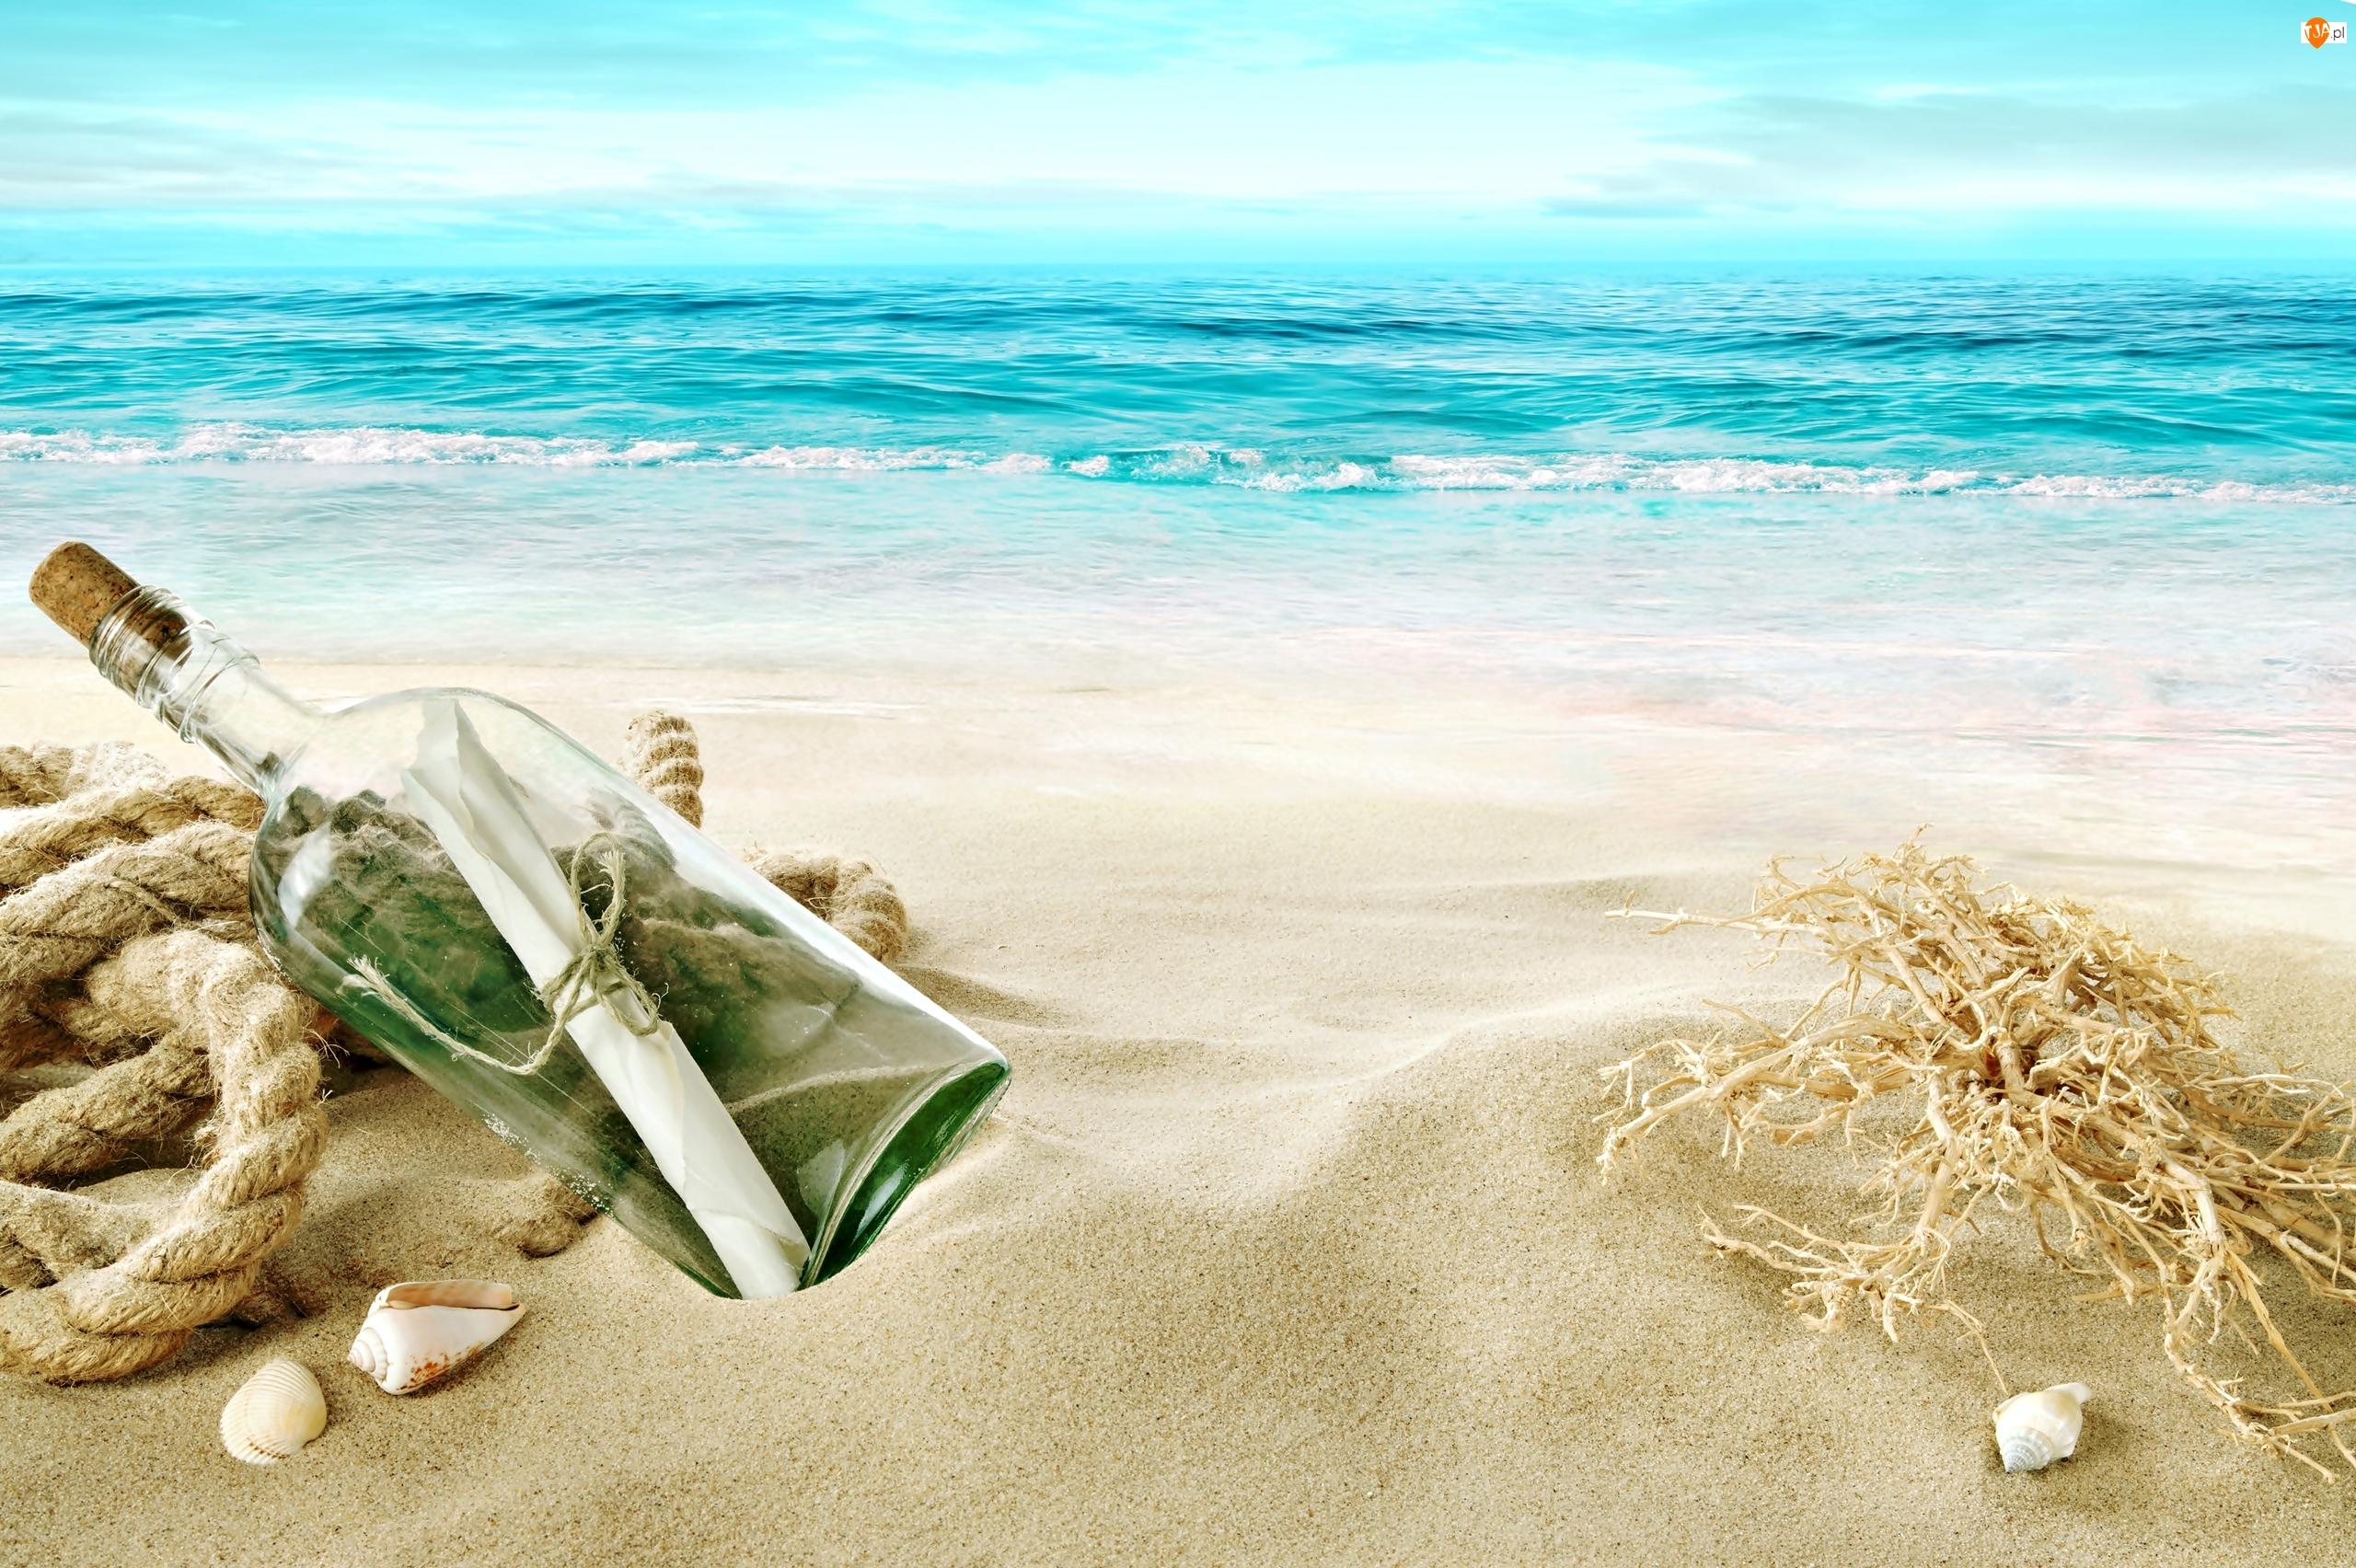 Morze, Muszelki, Plaża, Butelka